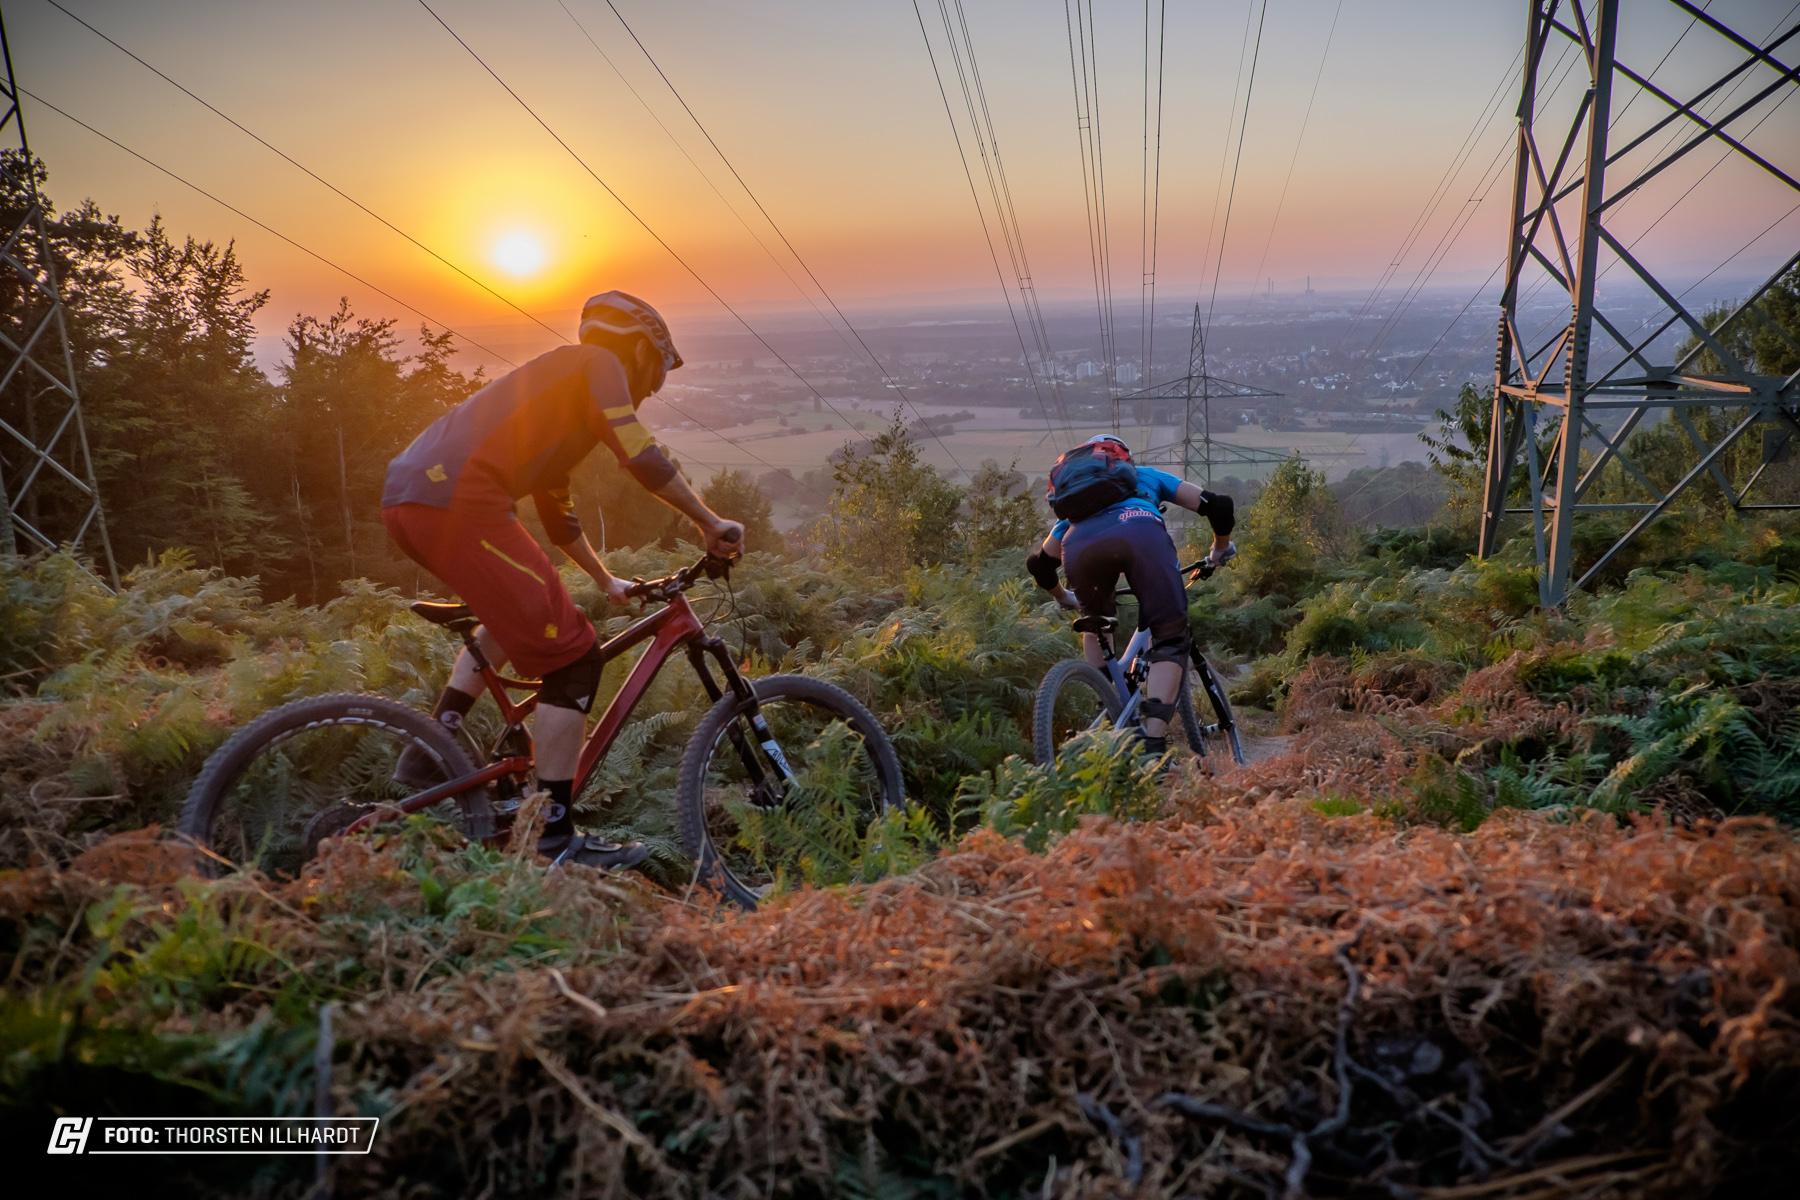 Das perfekte Bike für Afterwork rides und vieles mehr!